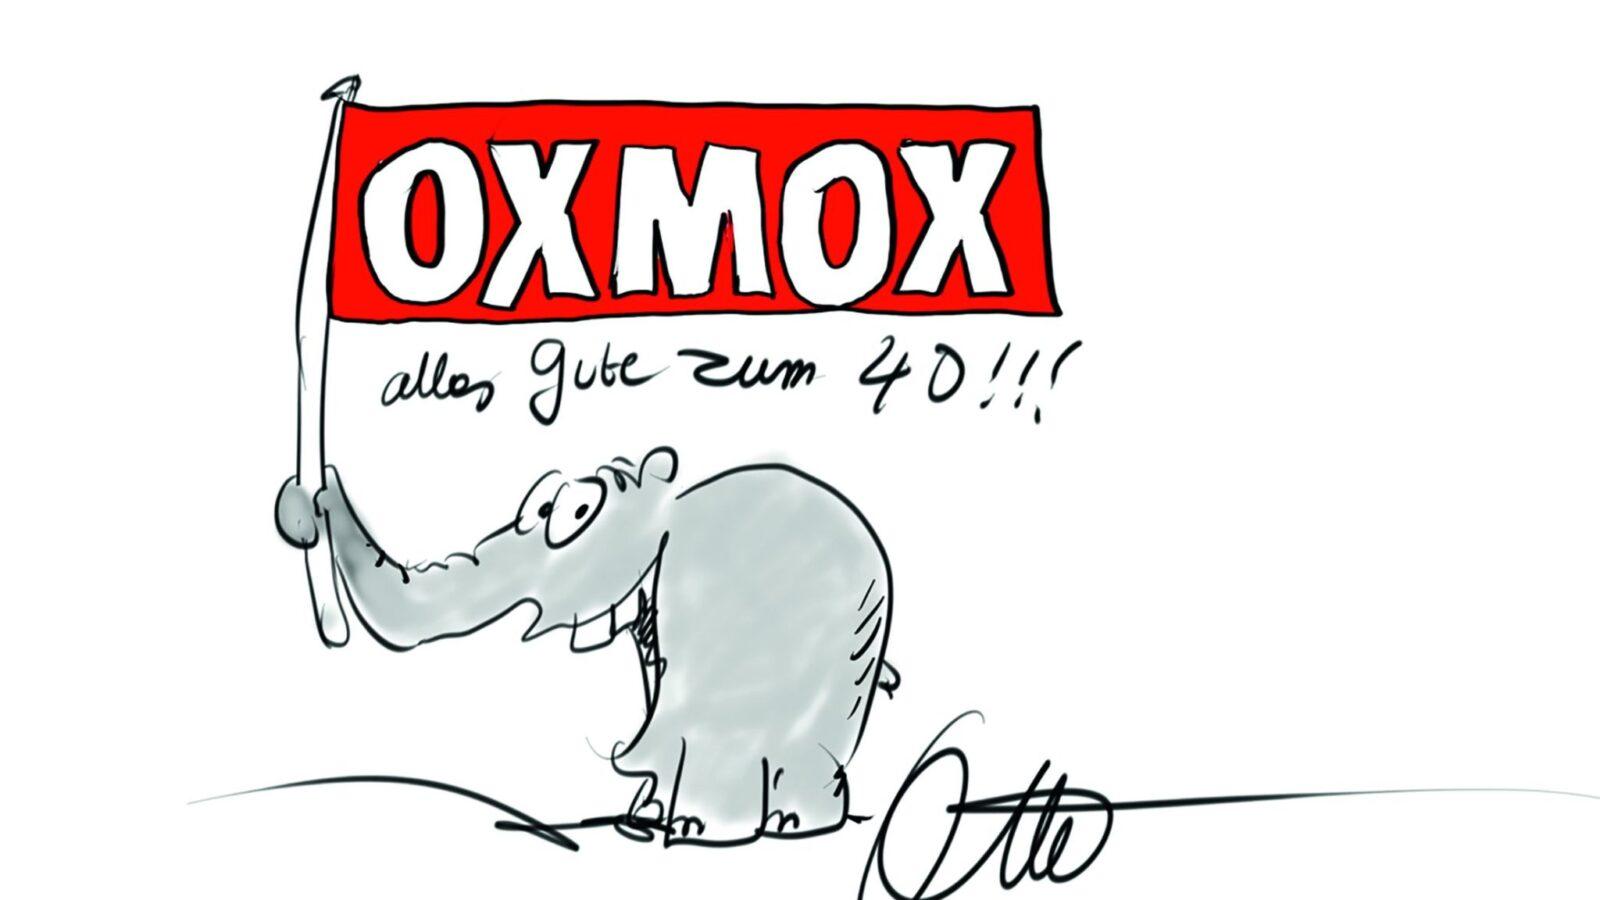 Otto Waalkes gratuliert OXMOX zum 40. Jubiläum!